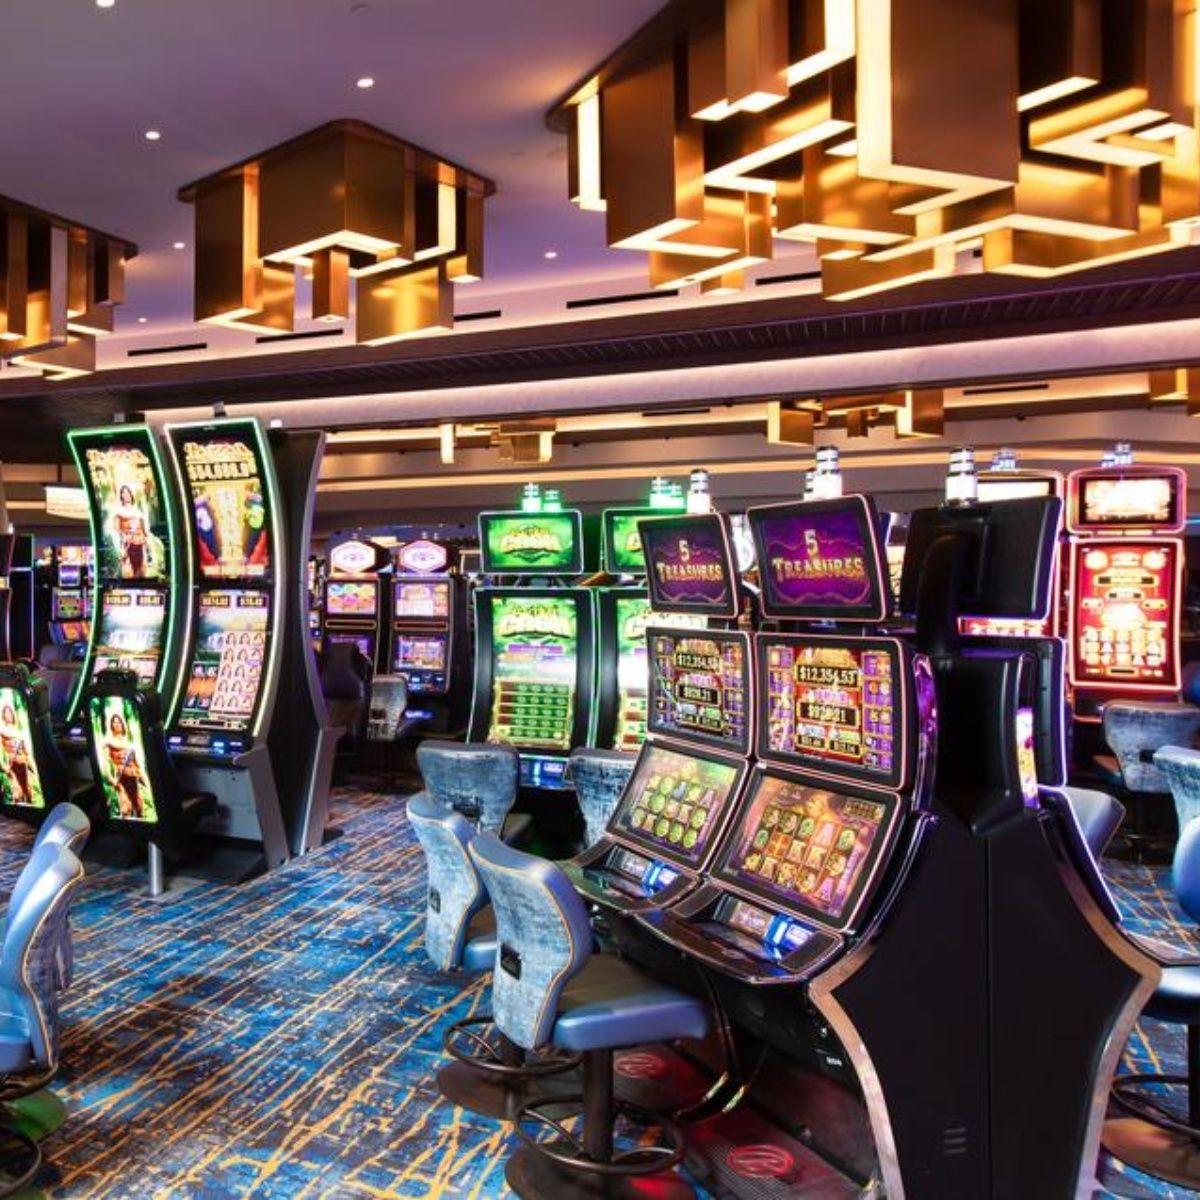 Funcionarios de casinos llevan más de 120 días sin trabajar y están desesperados